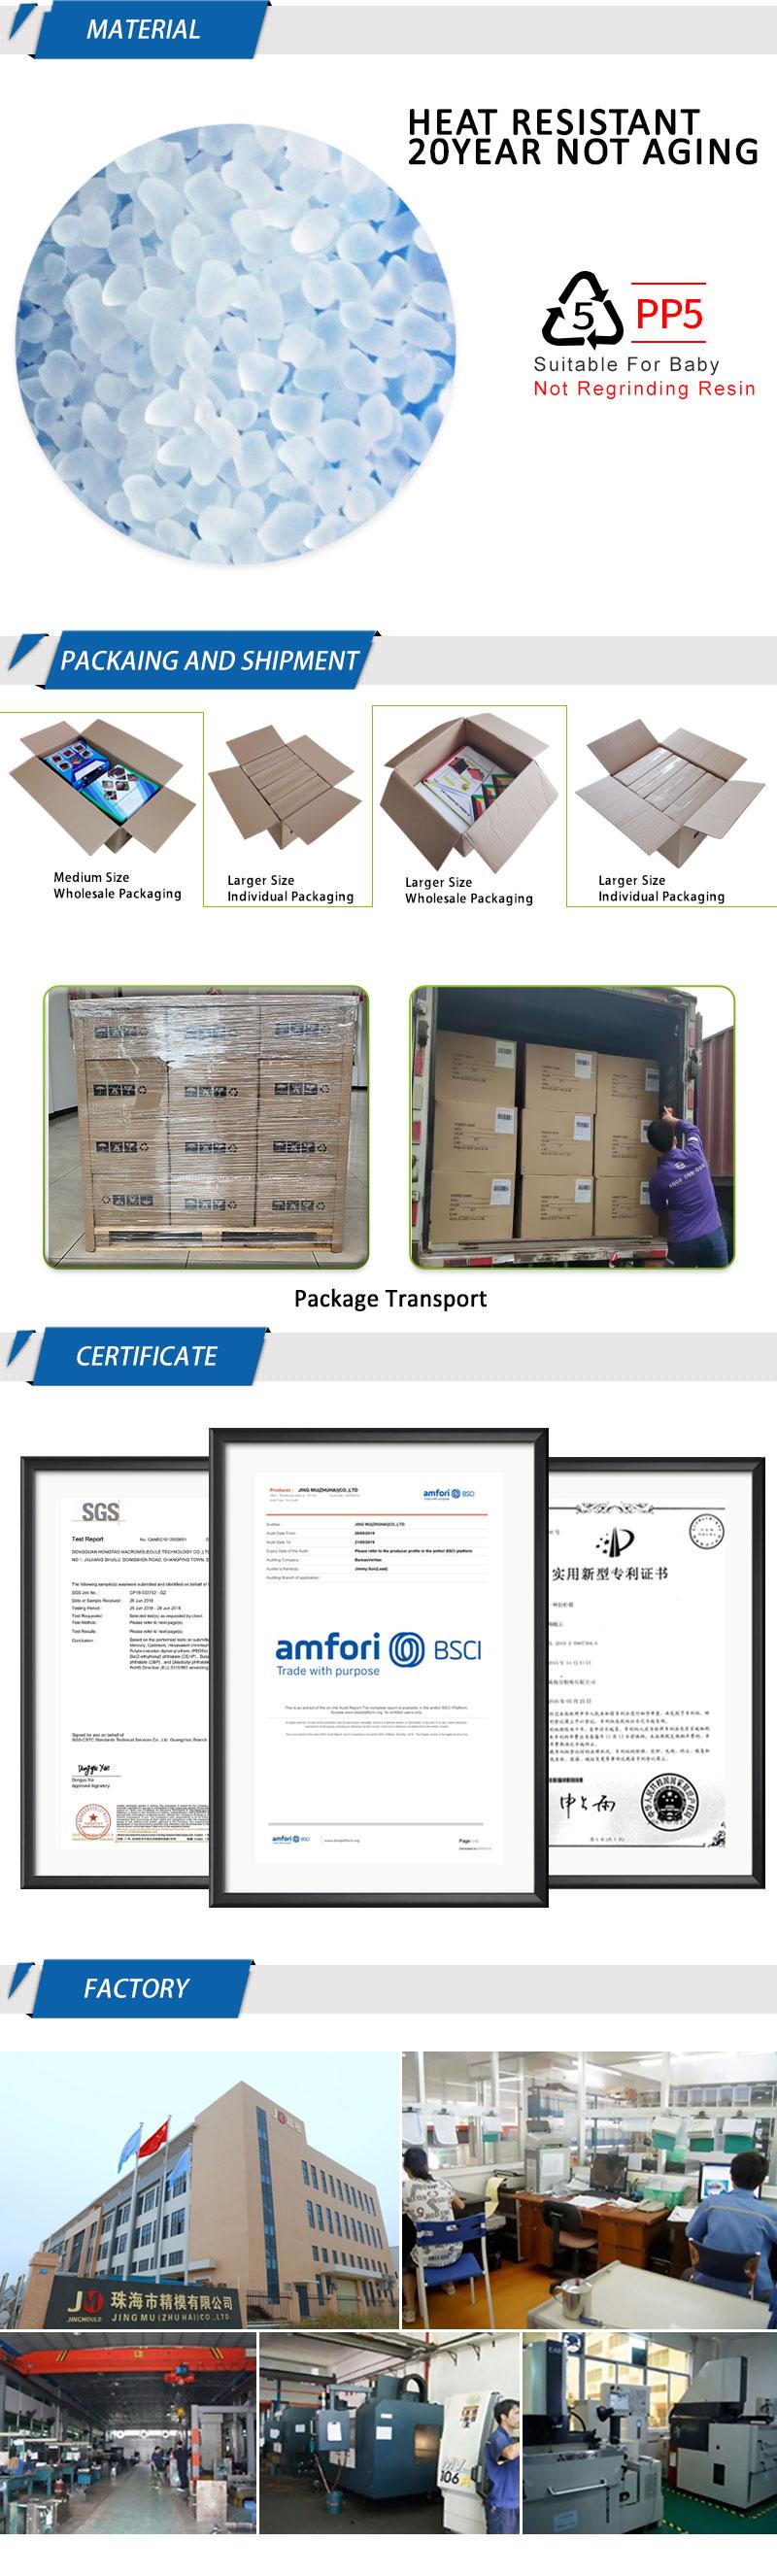 拉杆车包装和运输_03.jpg